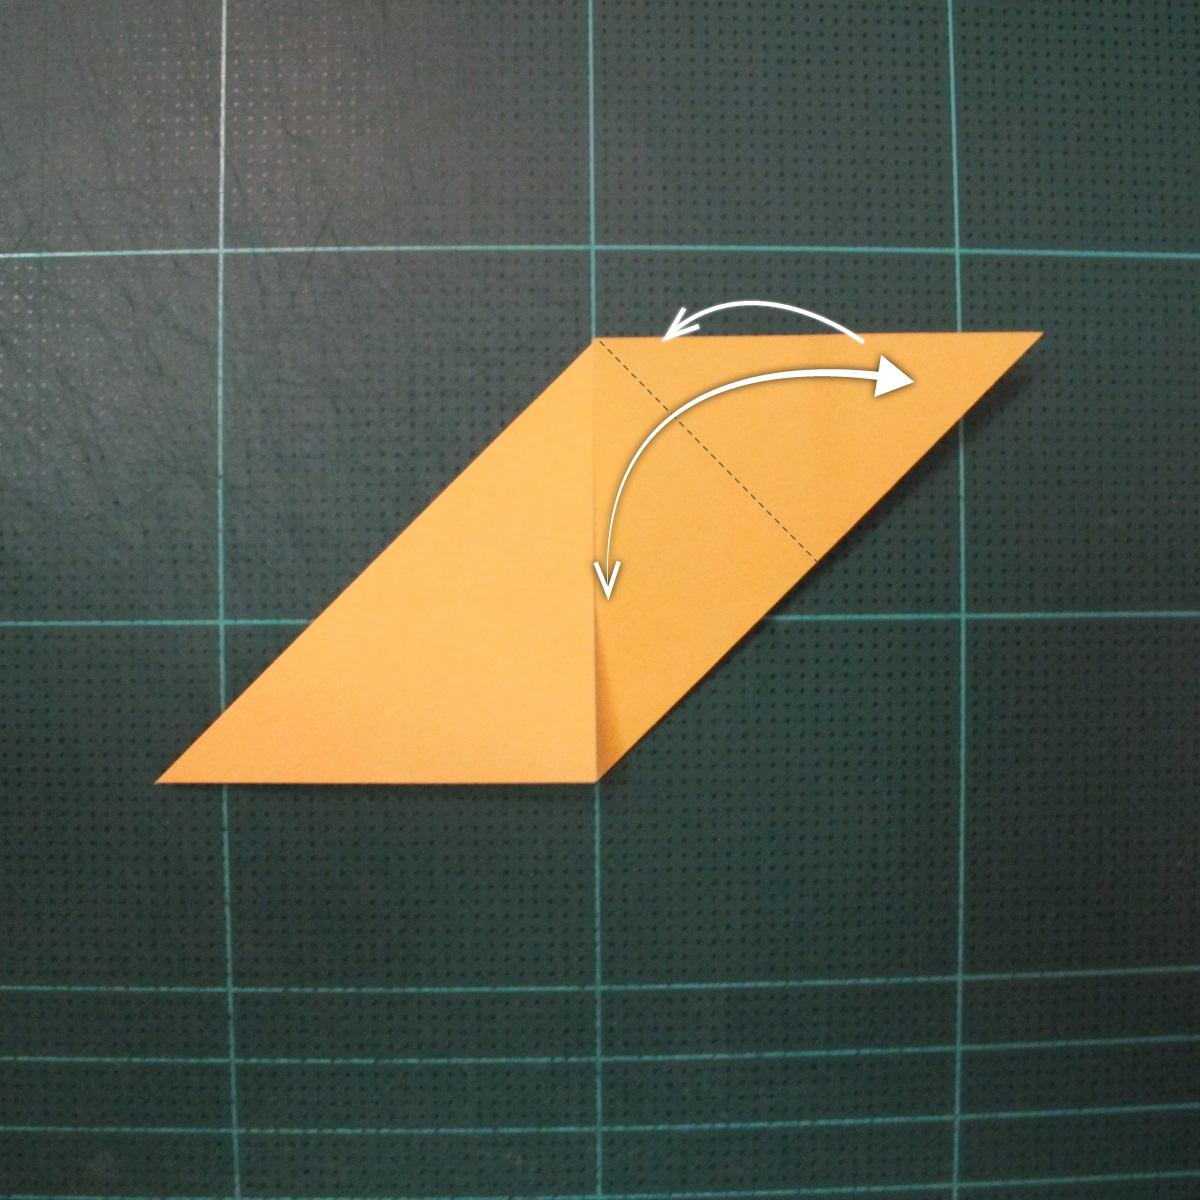 วิธีพับบอลกระดาษแบบเอสเตลล่าฟลอร์ (Estrella Flor Kusudama)003